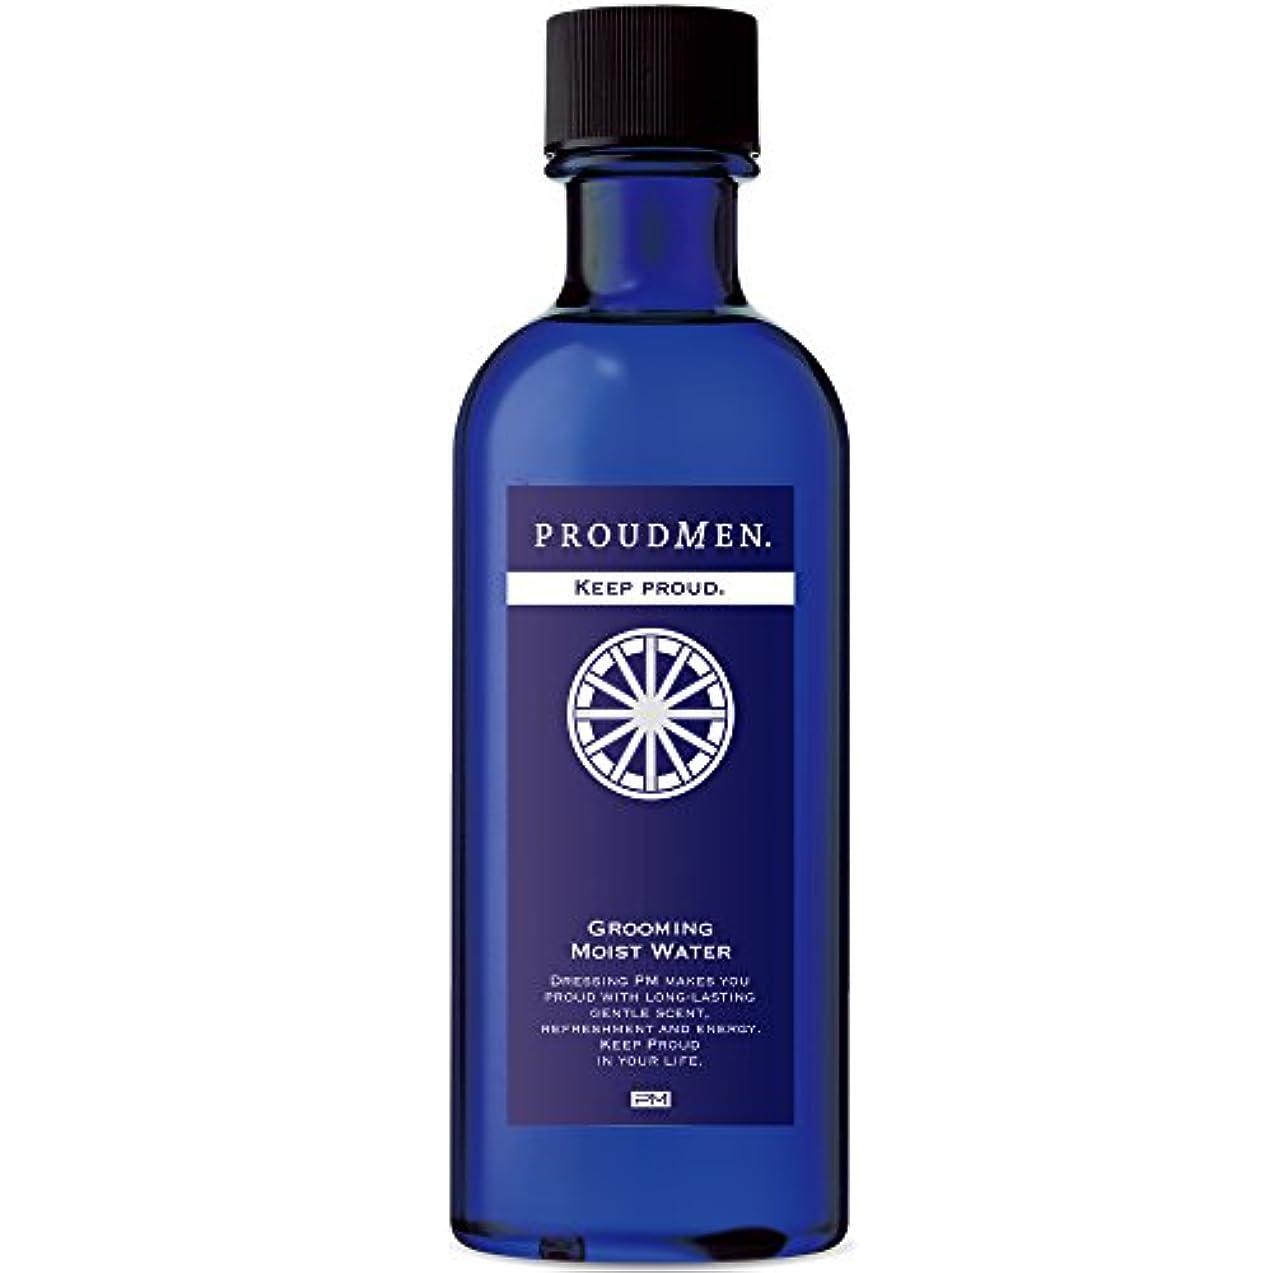 プラウドメン グルーミングモイストウォーター 200ml (グルーミング?シトラスの香り) 化粧水 メンズ 顔用 アフターシェーブ